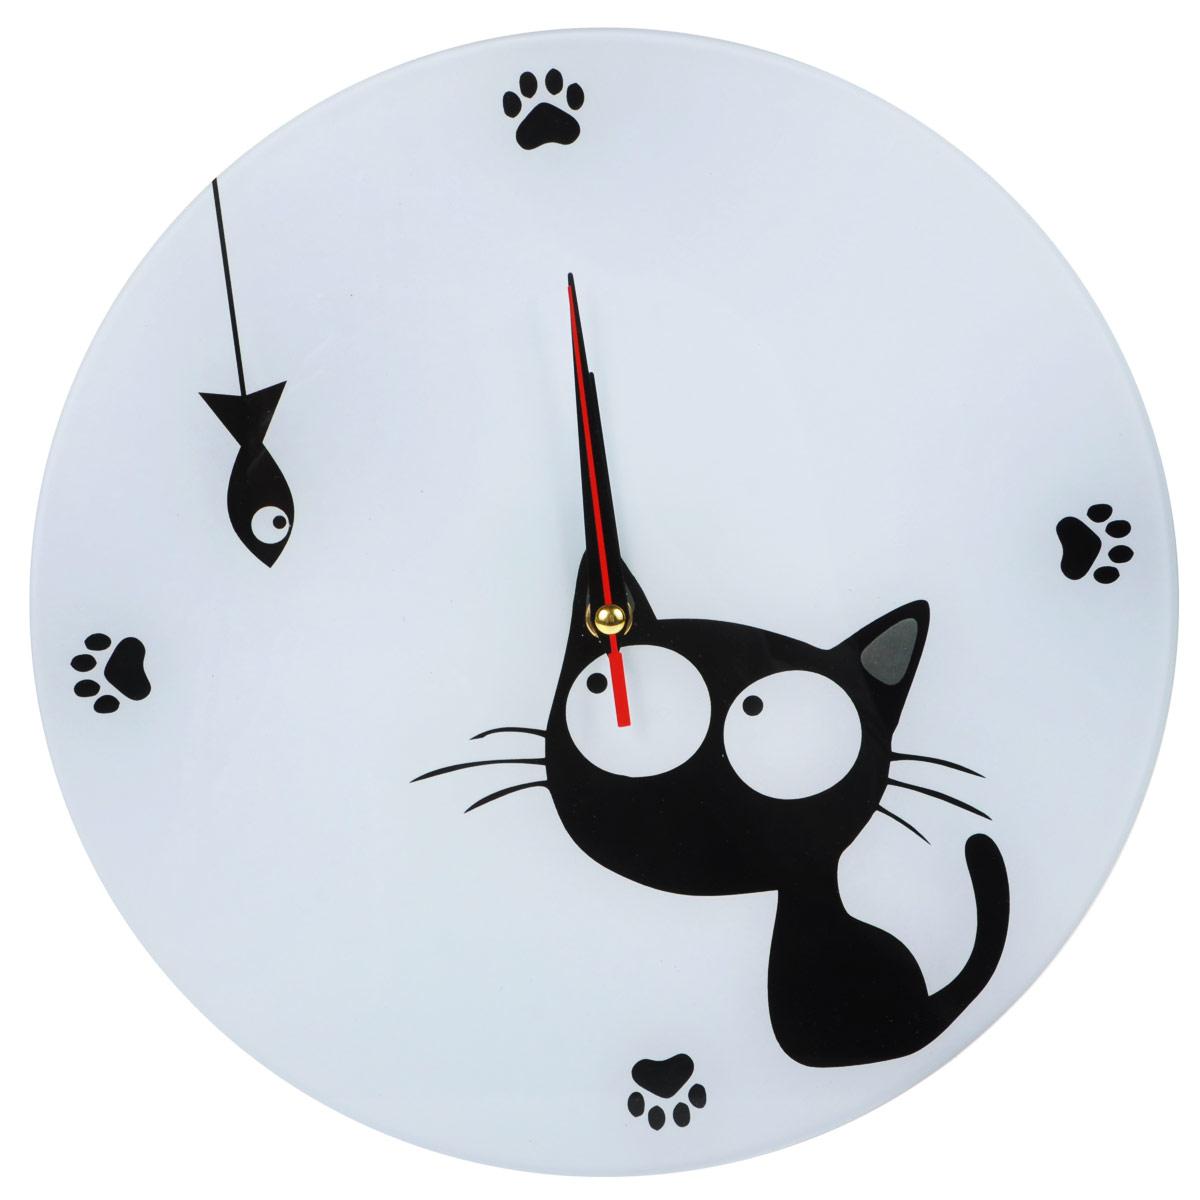 Часы настенные Котенок с рыбкой, стеклянные, цвет: черный, белый. 9554795547Оригинальные настенные часы Котенок с рыбкой круглой формы выполнены из стекла и оформлены изображением котенка и рыбки. Часы имеют три стрелки - часовую, минутную и секундную. Циферблат часов не защищен. Необычное дизайнерское решение и качество исполнения придутся по вкусу каждому. Оформите свой дом таким интерьерным аксессуаром или преподнесите его в качестве презента друзьям, и они оценят ваш оригинальный вкус и неординарность подарка. Характеристики: Материал: пластик, стекло. Диаметр: 28 см. Тихий ход. Работают от батарейки типа АА (в комплект не входит).